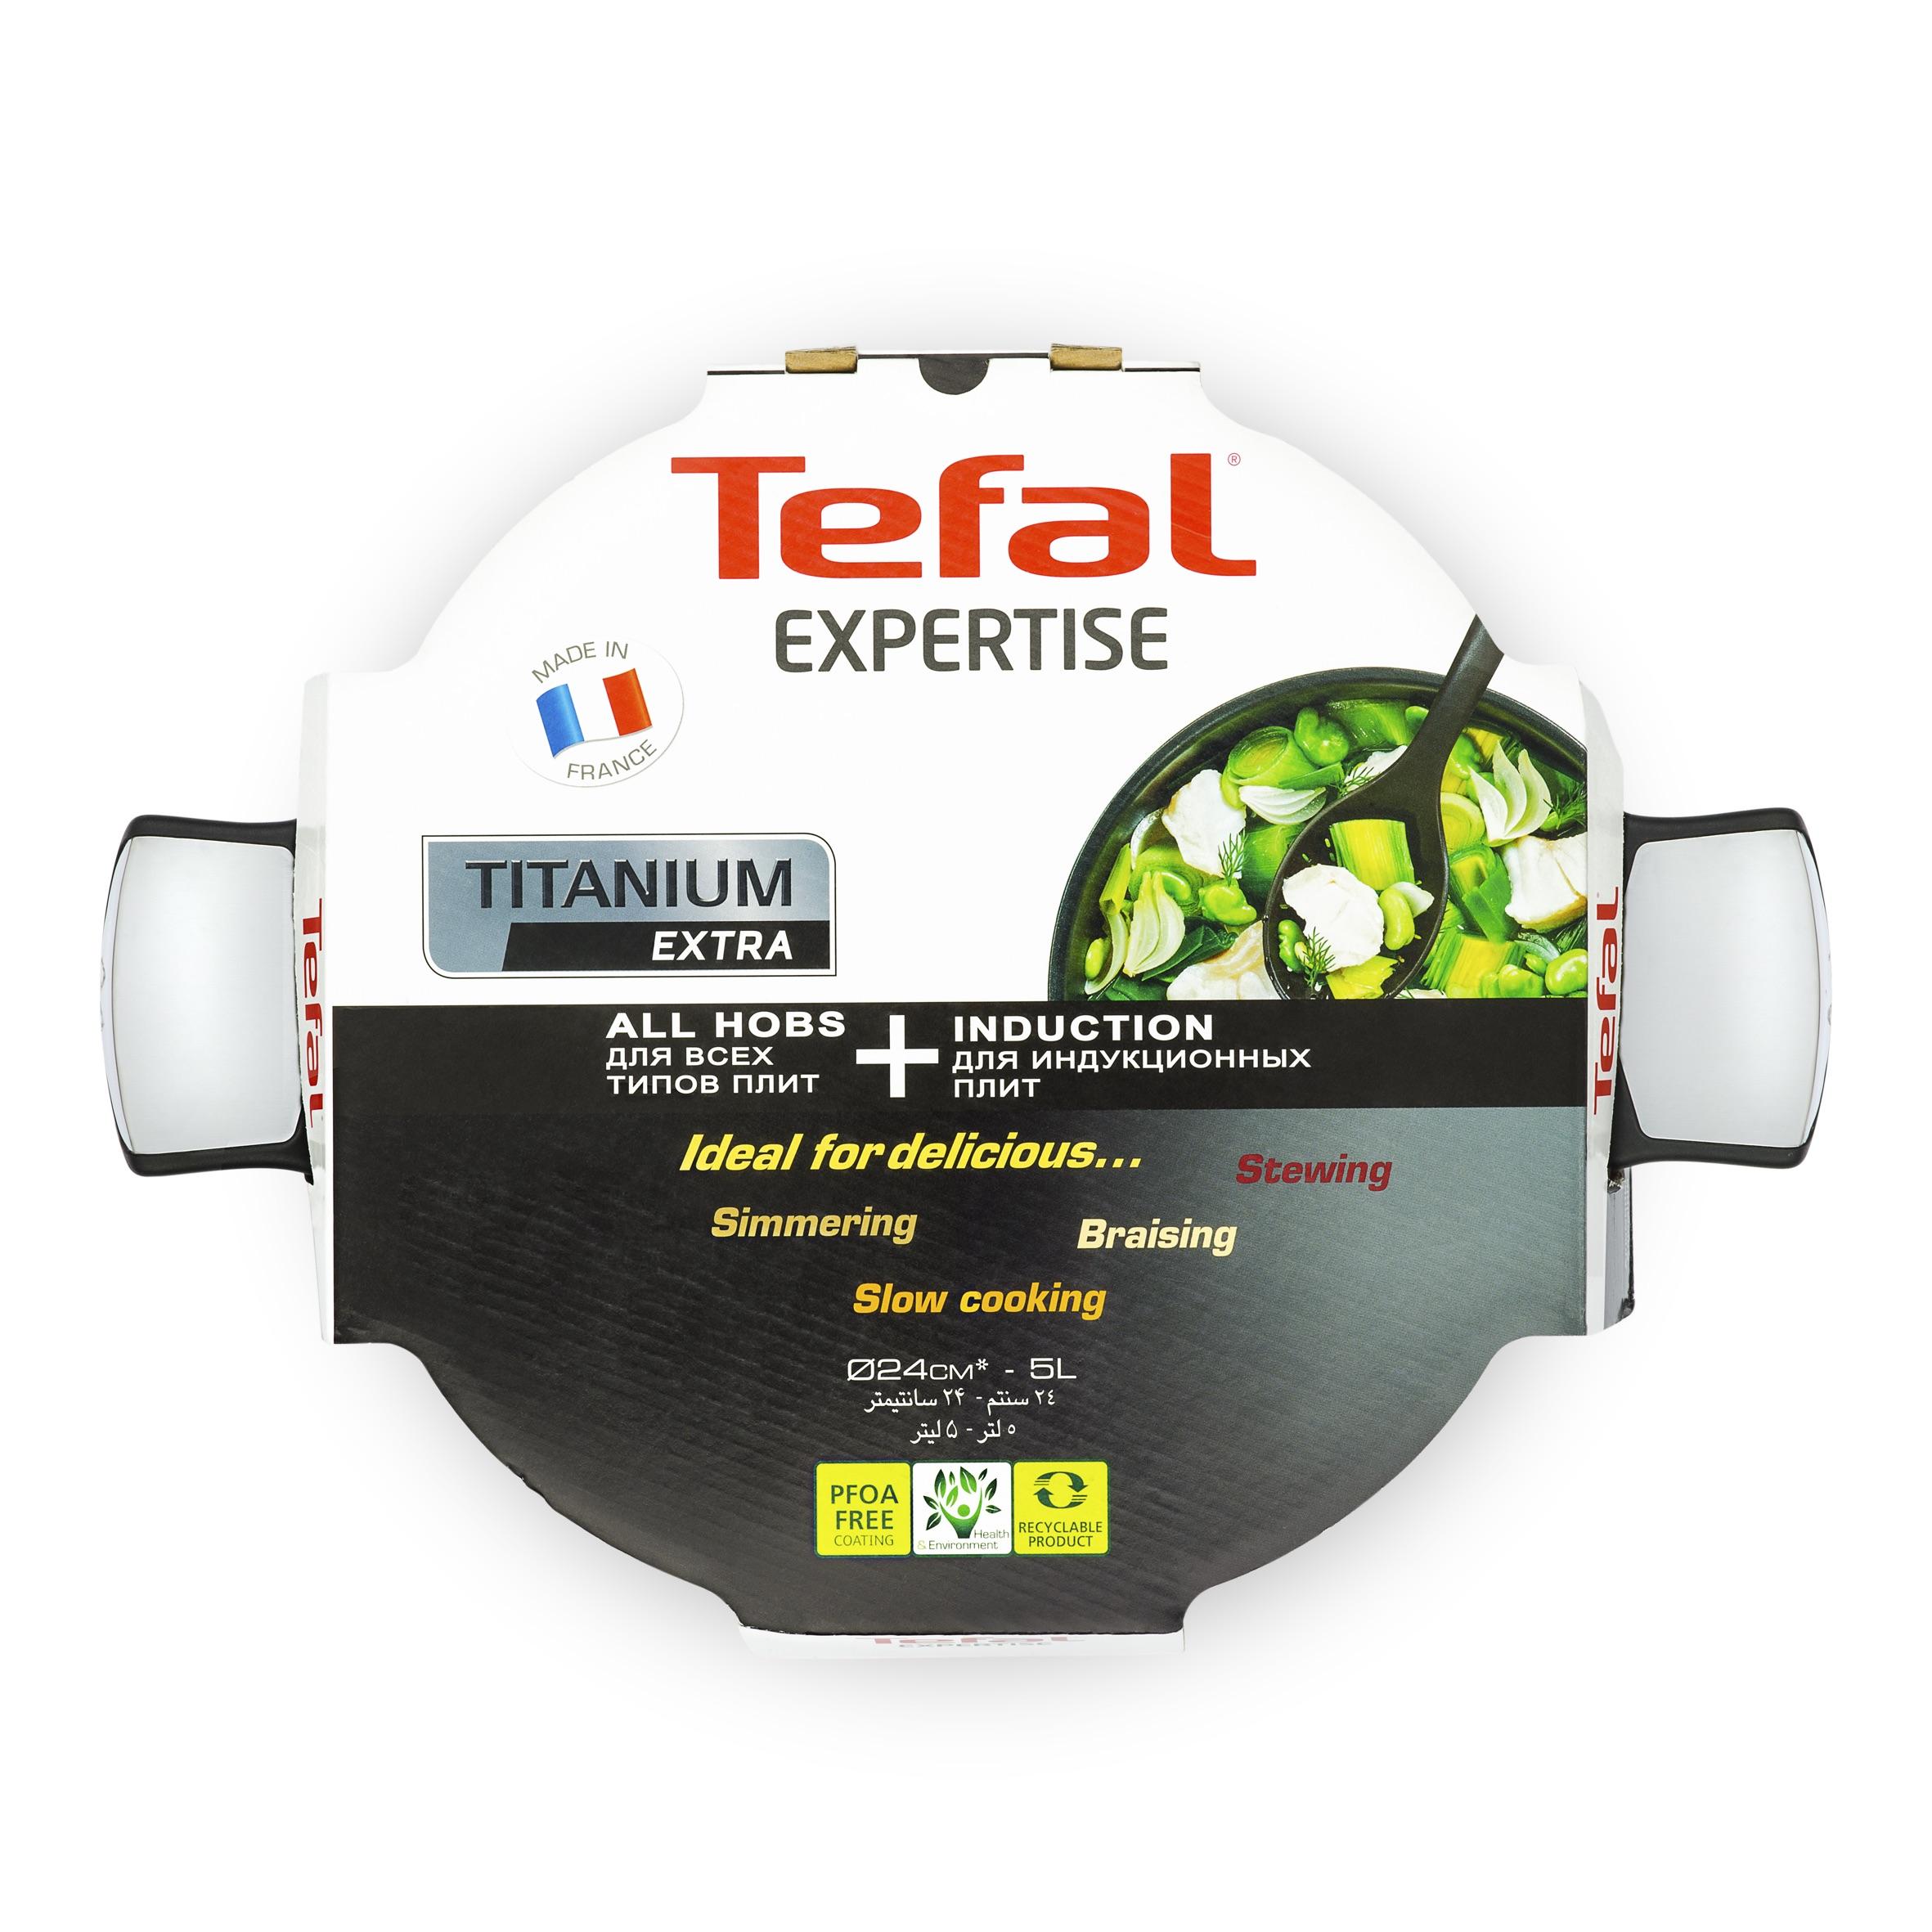 téfal fait tou photo film stylisme culinaire recette food style rhone lyon packaging pack